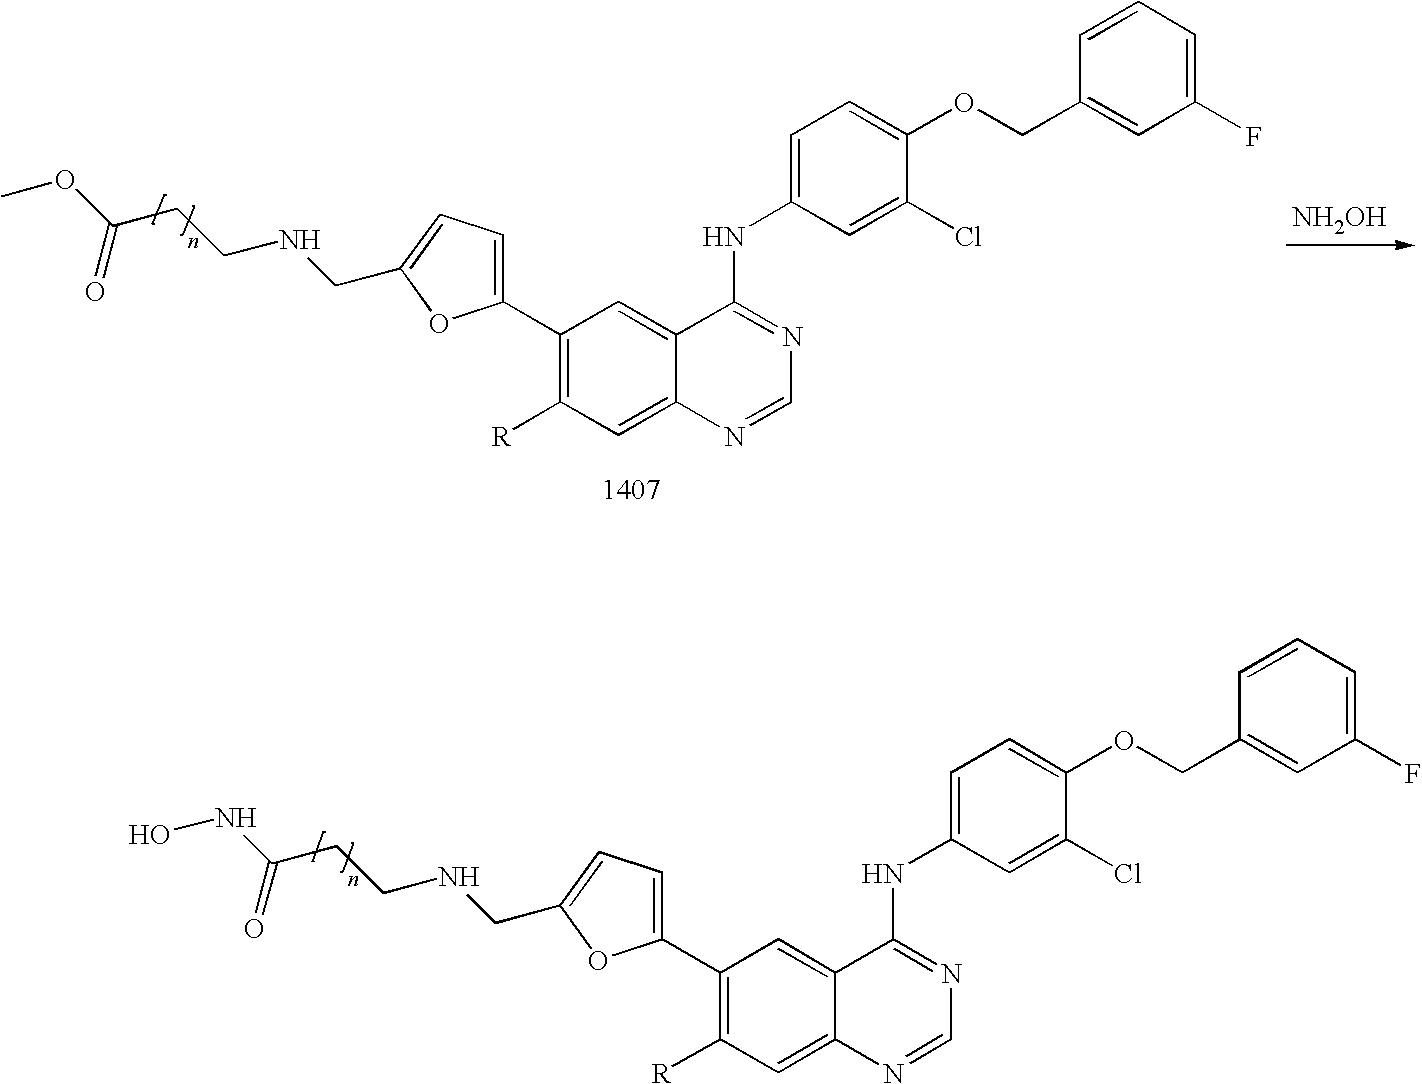 Figure US20090111772A1-20090430-C00238